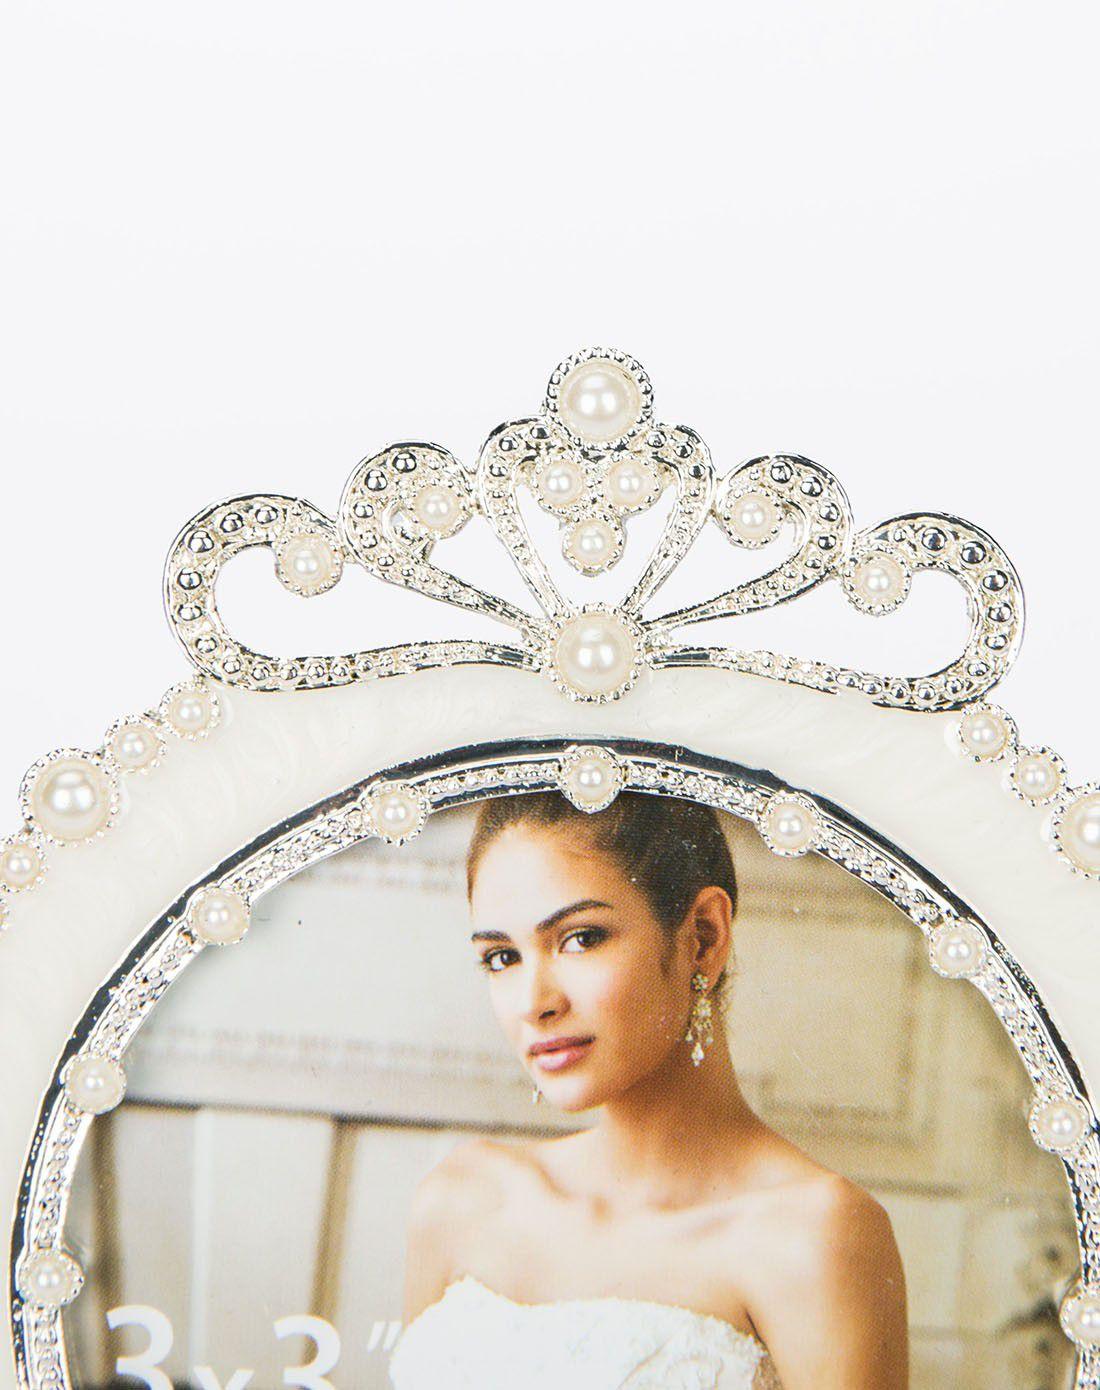 欧式高档珍珠摆台相框-皇冠